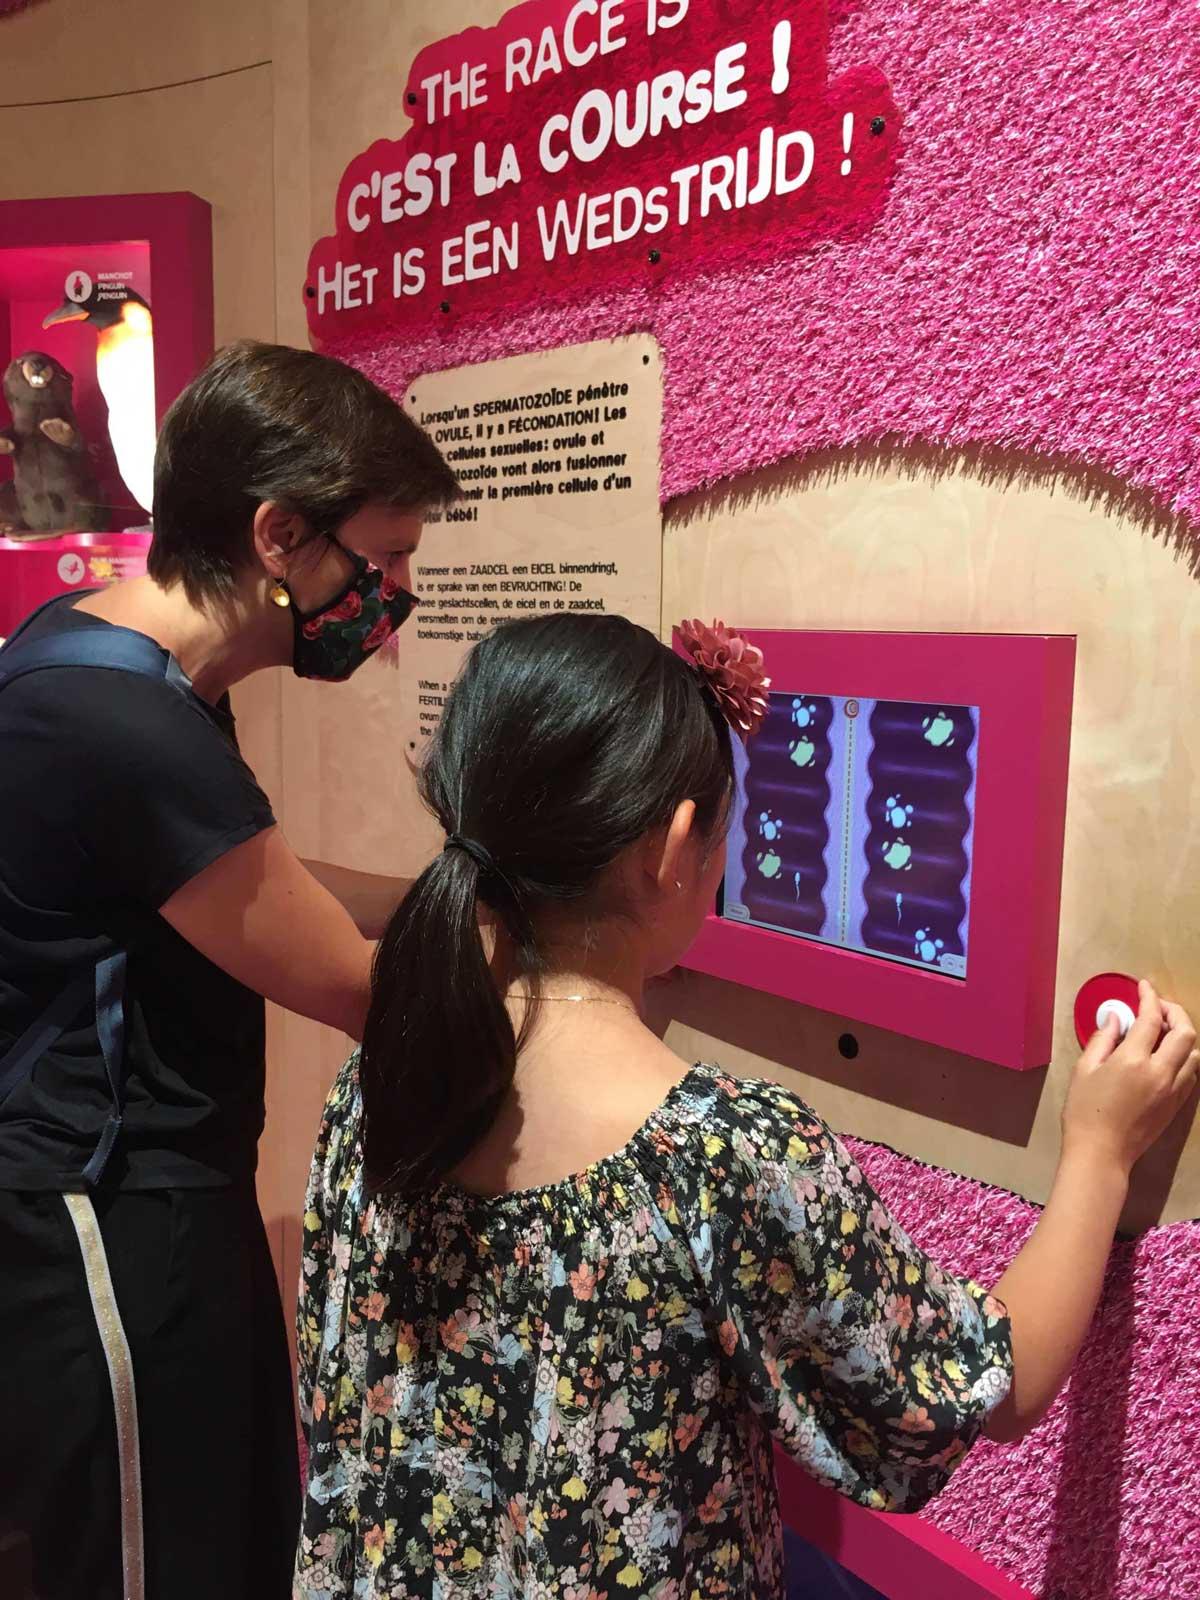 Jeux vidéo course des spermatozoïdes dans l'expo Corps